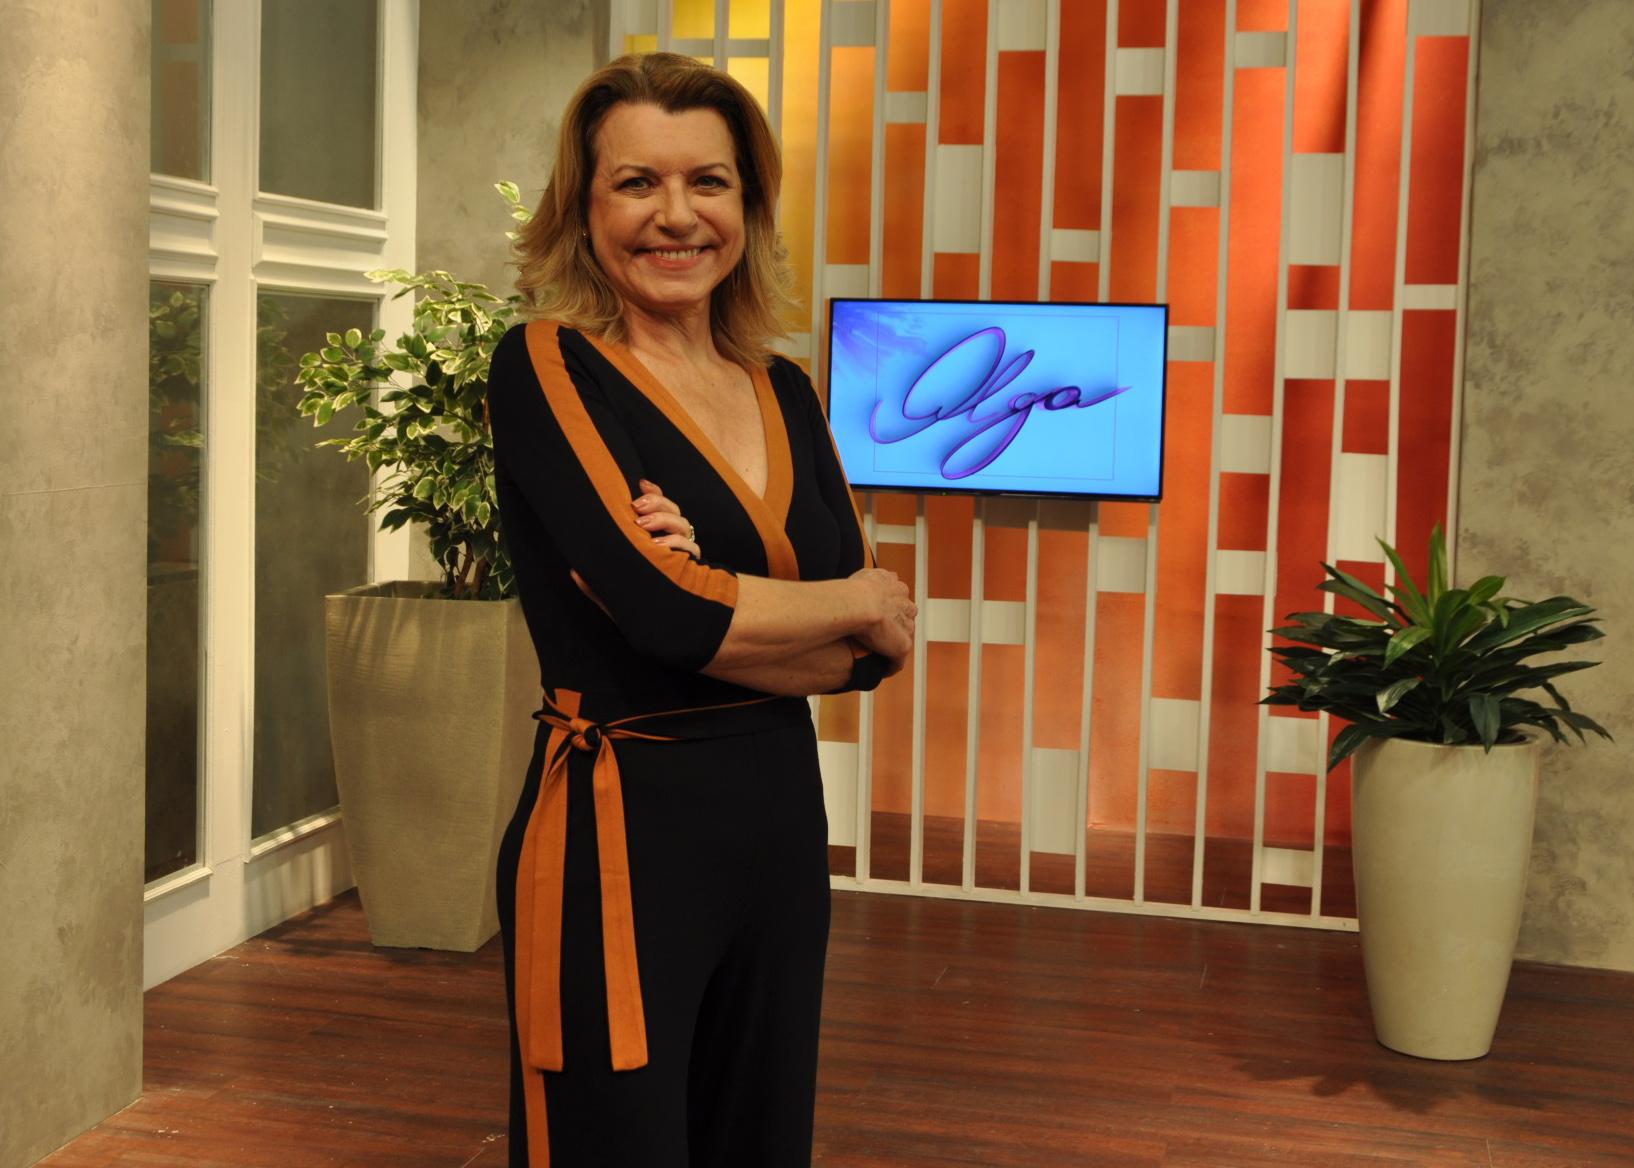 Olga Bongiovanni